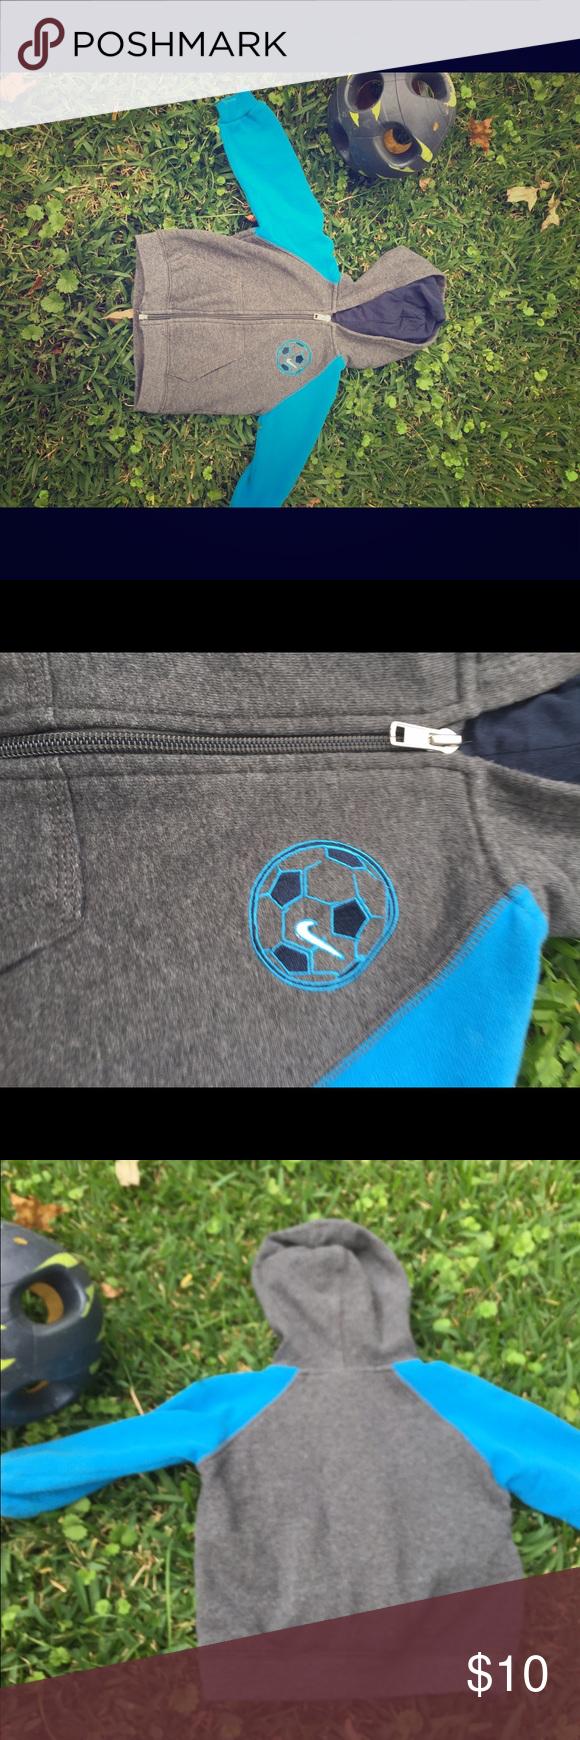 Boys Nike hooded sweatshirt 18 months Cute Nike sweatshirt! In great condition! Sz 18 months Nike Shirts & Tops Sweatshirts & Hoodies